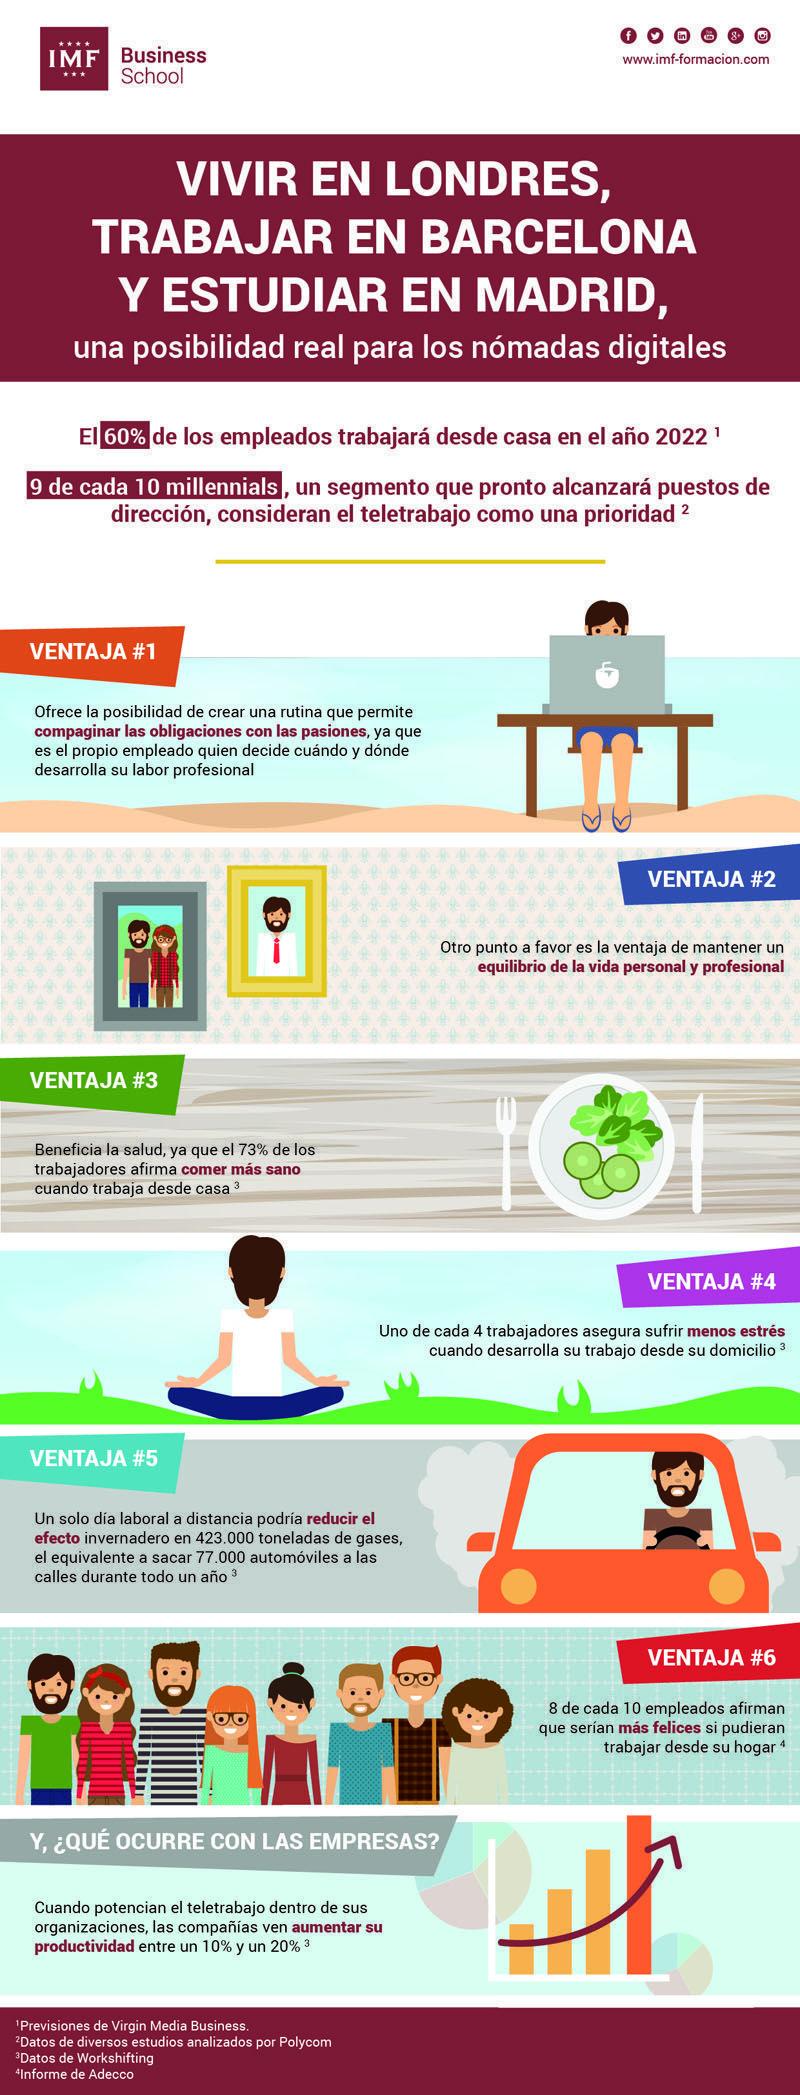 6 ventajas de estudiar, trabajar y residir en diferentes partes del mundo, sin moverse de casa